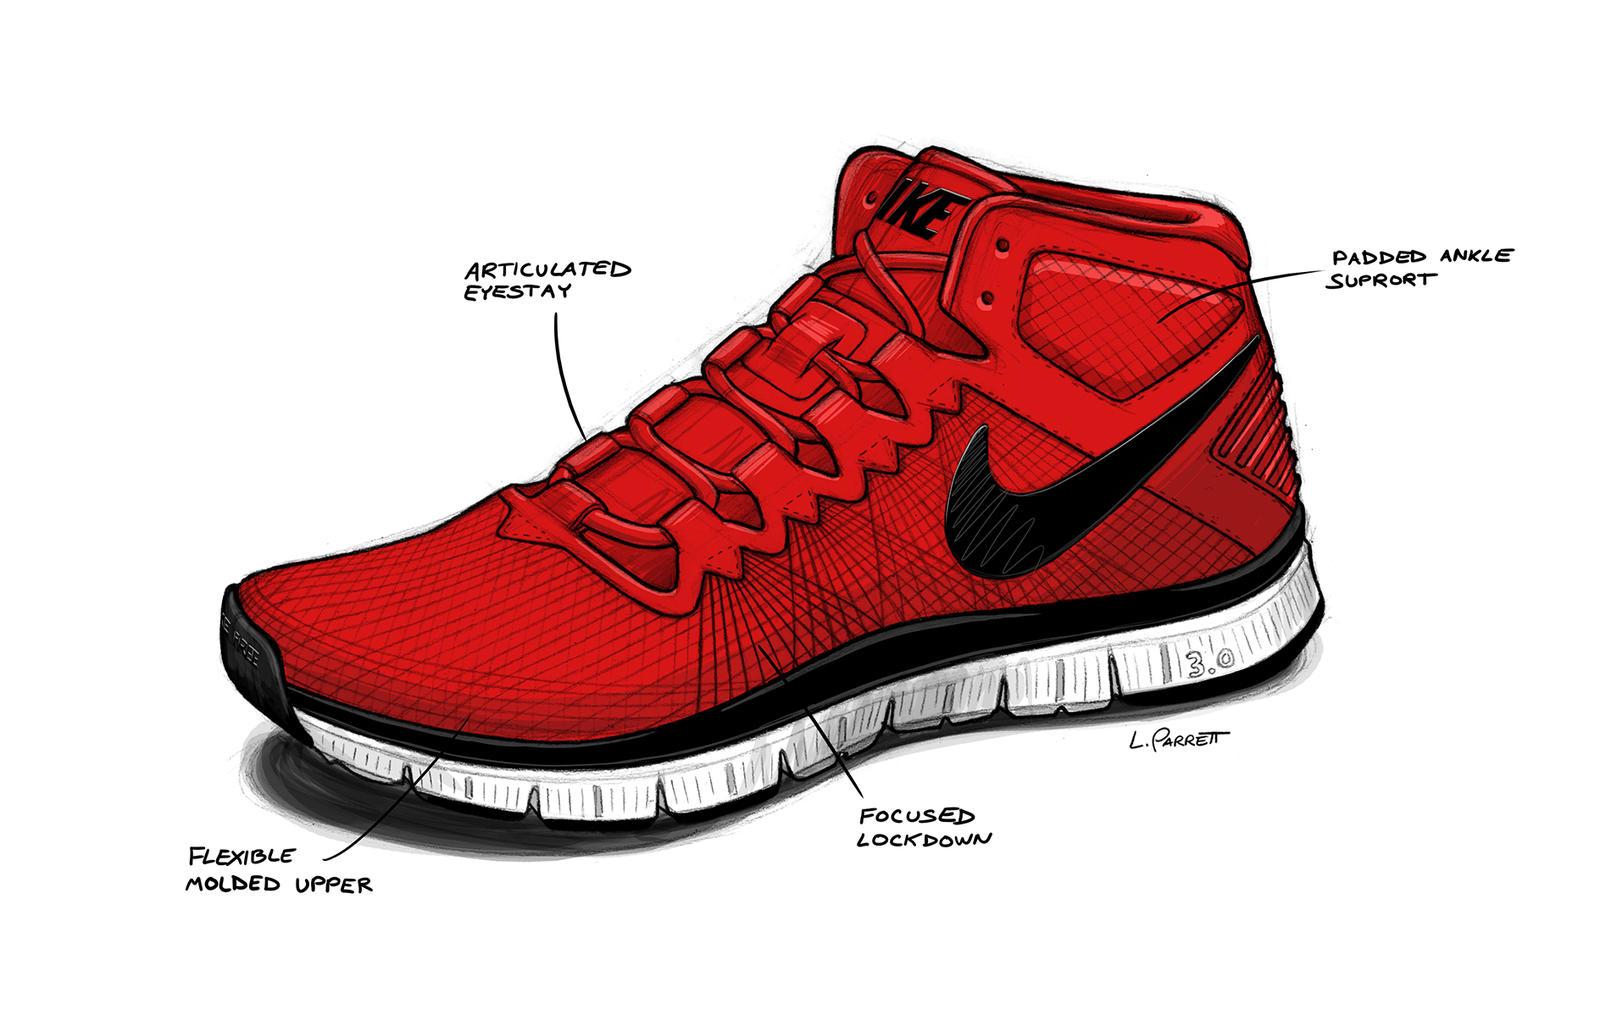 nike free trainer 3.0 running shoe